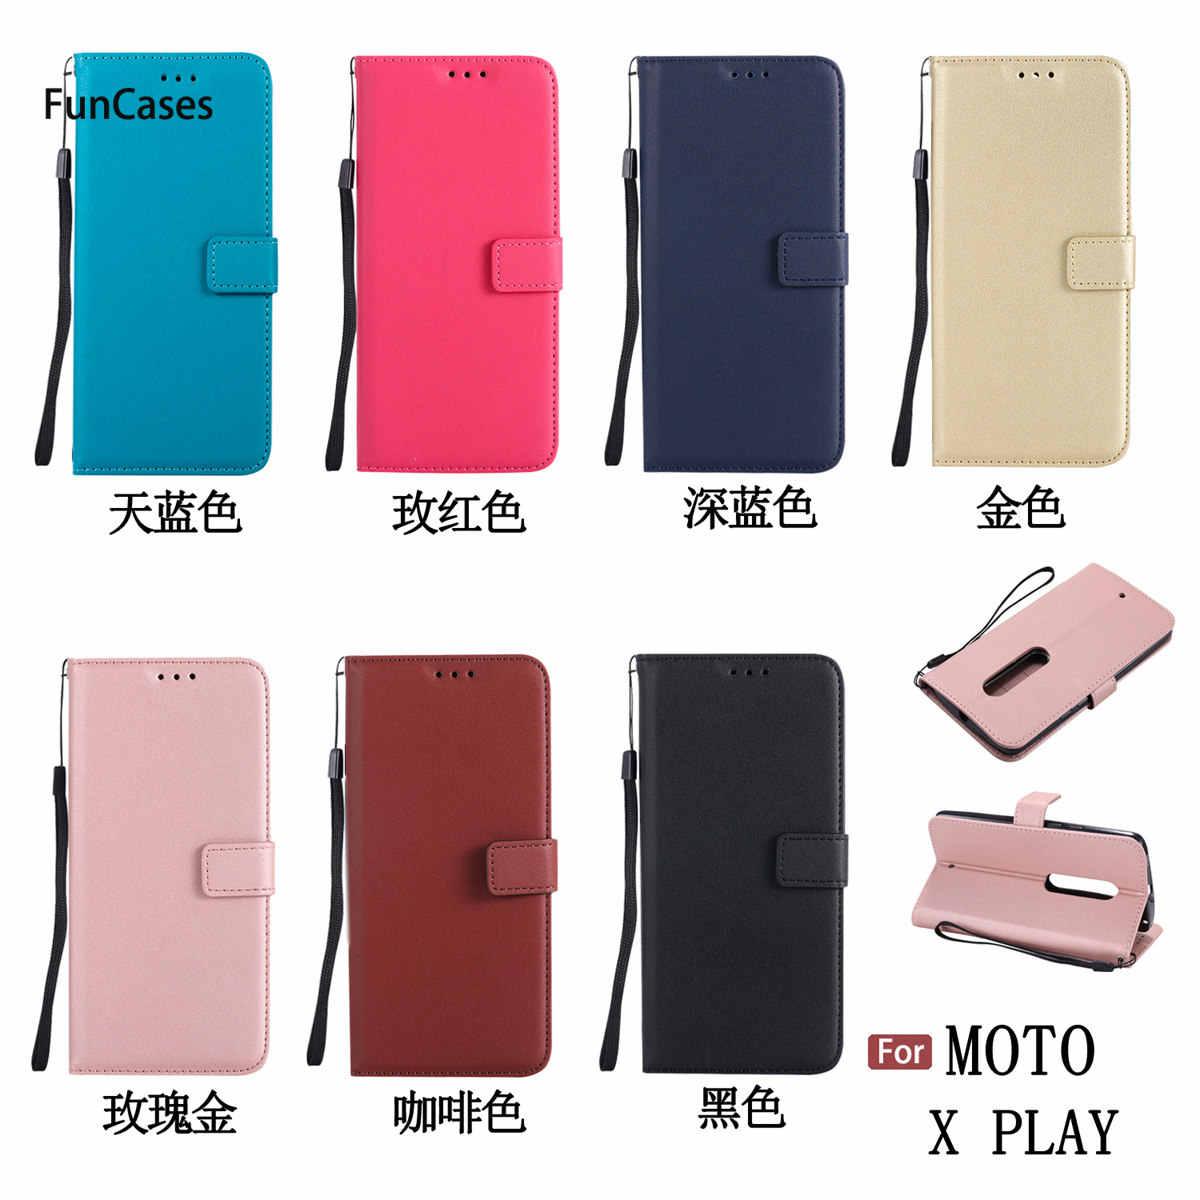 Étui de téléphone portefeuille chaud sFor cellulaire Moto X Play doux étui de téléphone en TPU Estojo coque arrière exotique pour Motorola X Play Design pas cher